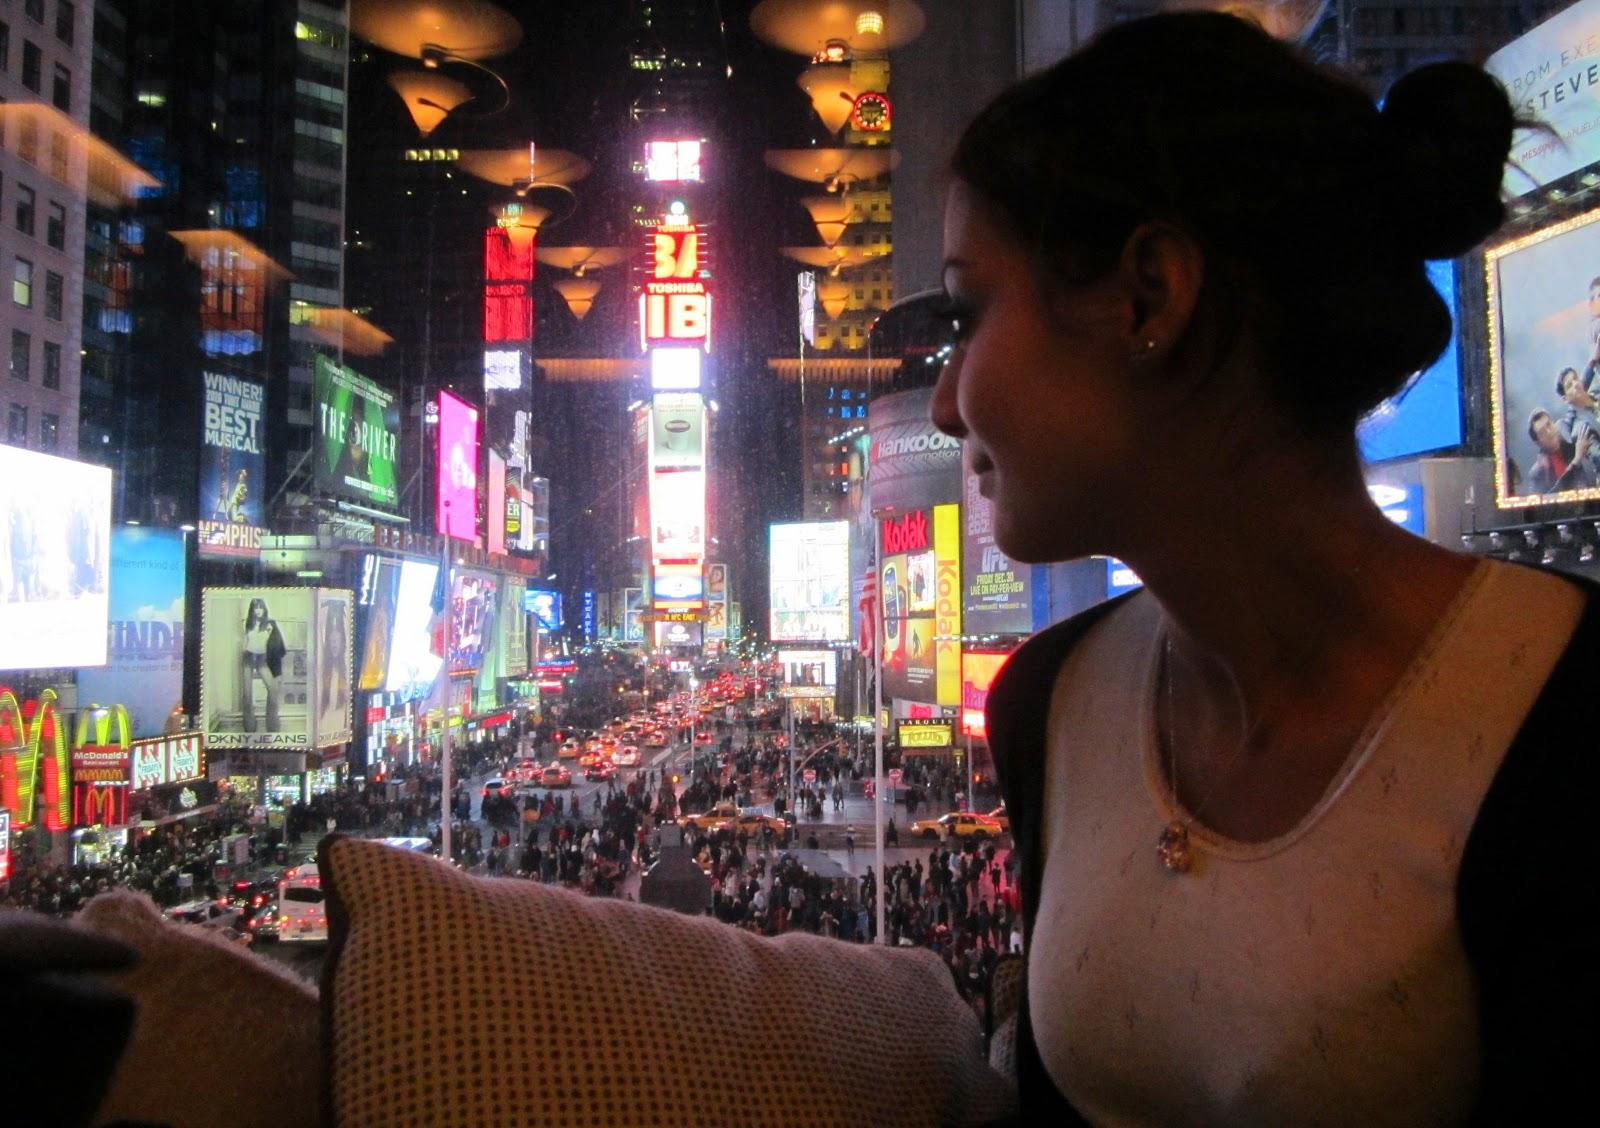 weihnachten 2011 in new york reisebericht heiligabend in. Black Bedroom Furniture Sets. Home Design Ideas